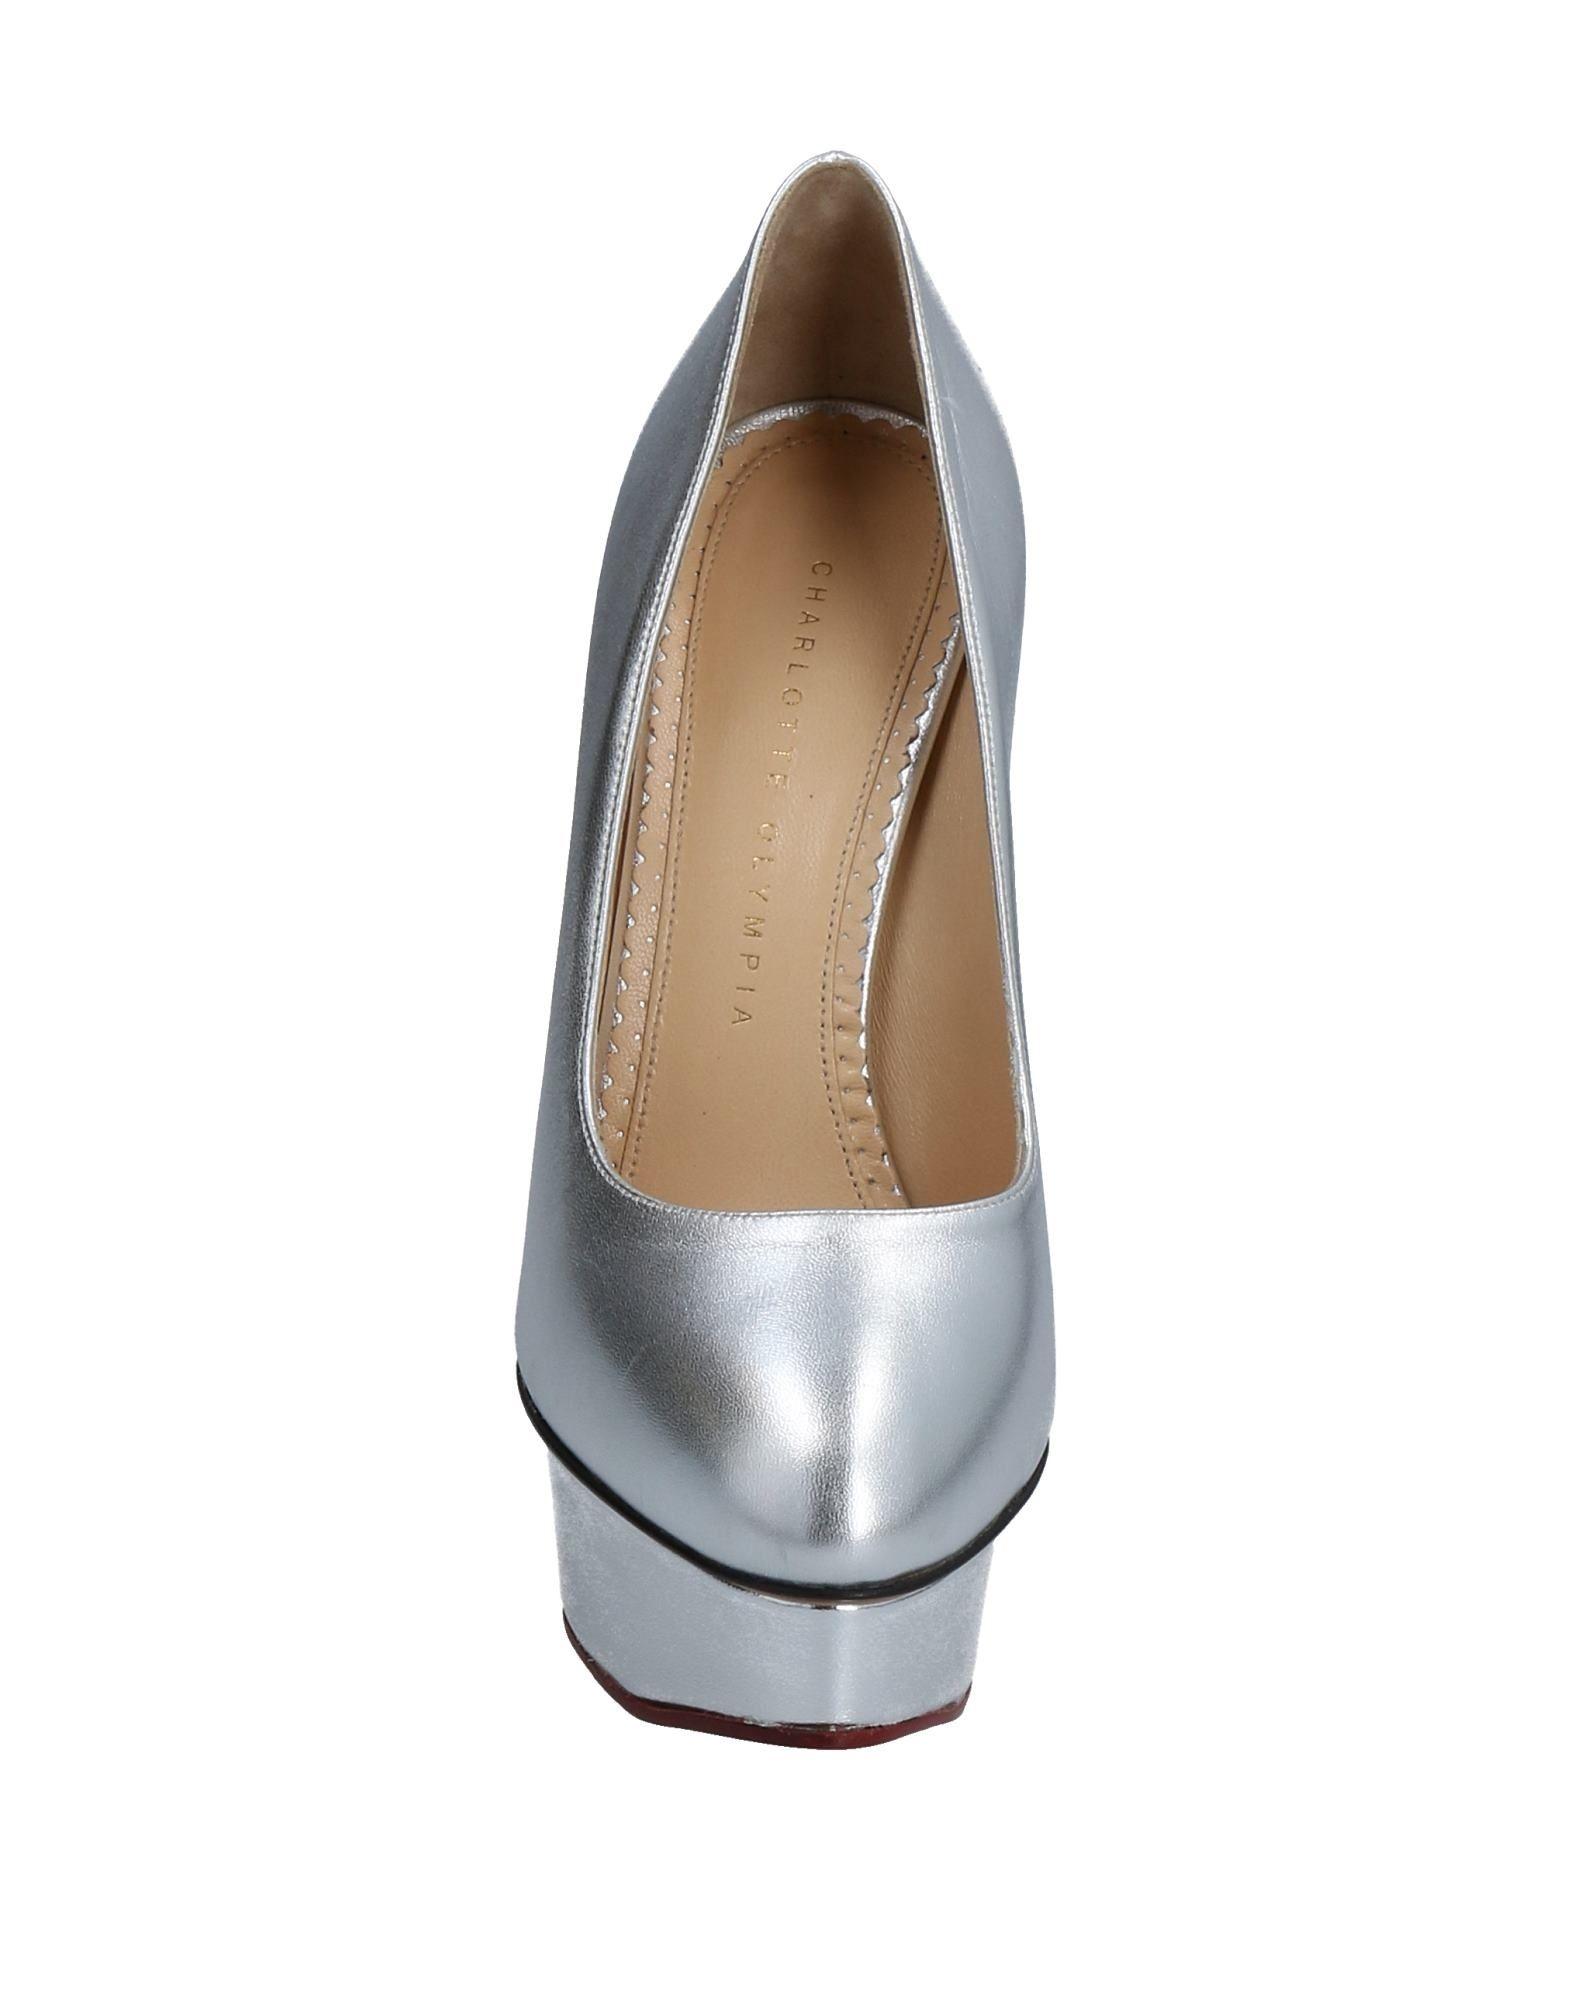 Charlotte 11527102XBGünstige Olympia Pumps Damen  11527102XBGünstige Charlotte gut aussehende Schuhe 72f3c5